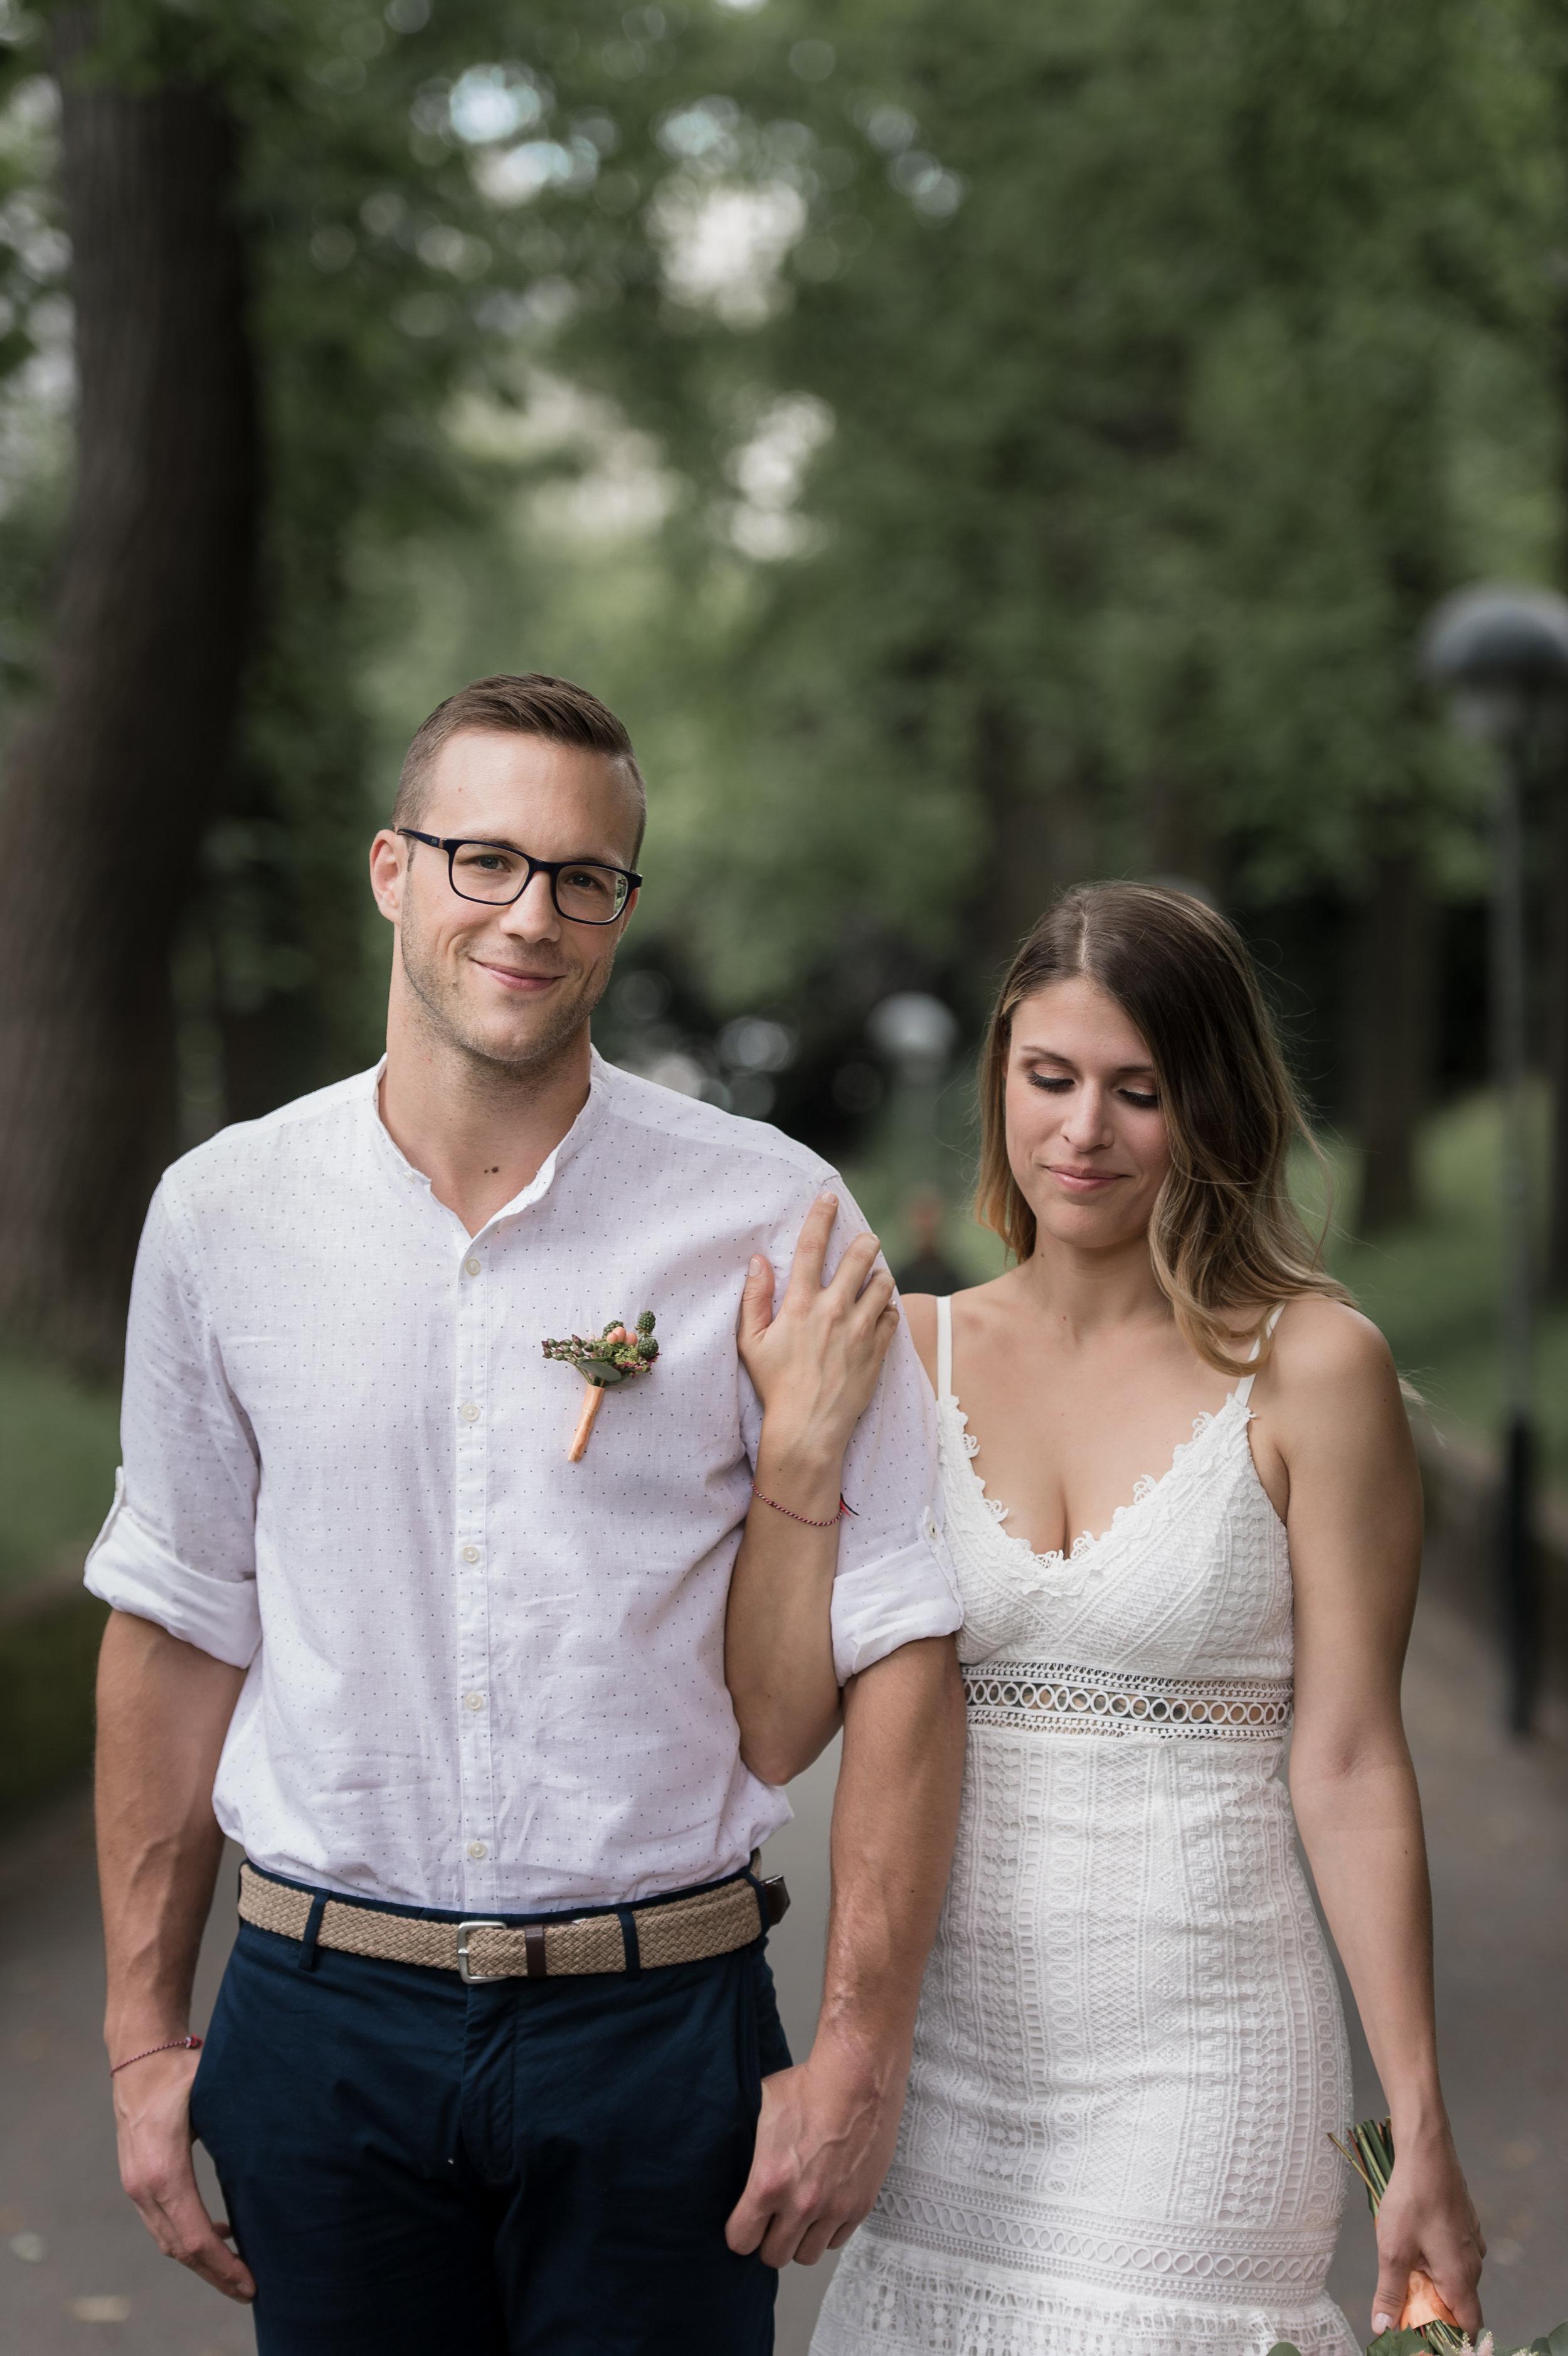 S&D - «Nous souhaitions te remercier pour ton travail exceptionnel lors de notre mariage civil. Ton professionnalisme, ta disponibilité et ta bonne humeur nous ont permis d'être à l'aise devant l'objectif et surtout de nous amuser pendant cet exercice peu commun. Nous en gardons un souvenir merveilleux, des clichés magnifiques, naturel, qui ont dépassé toutes nos attentes. MERCI Sam d'avoir immortalisé la magie de ce jour si spécial pour nous!»